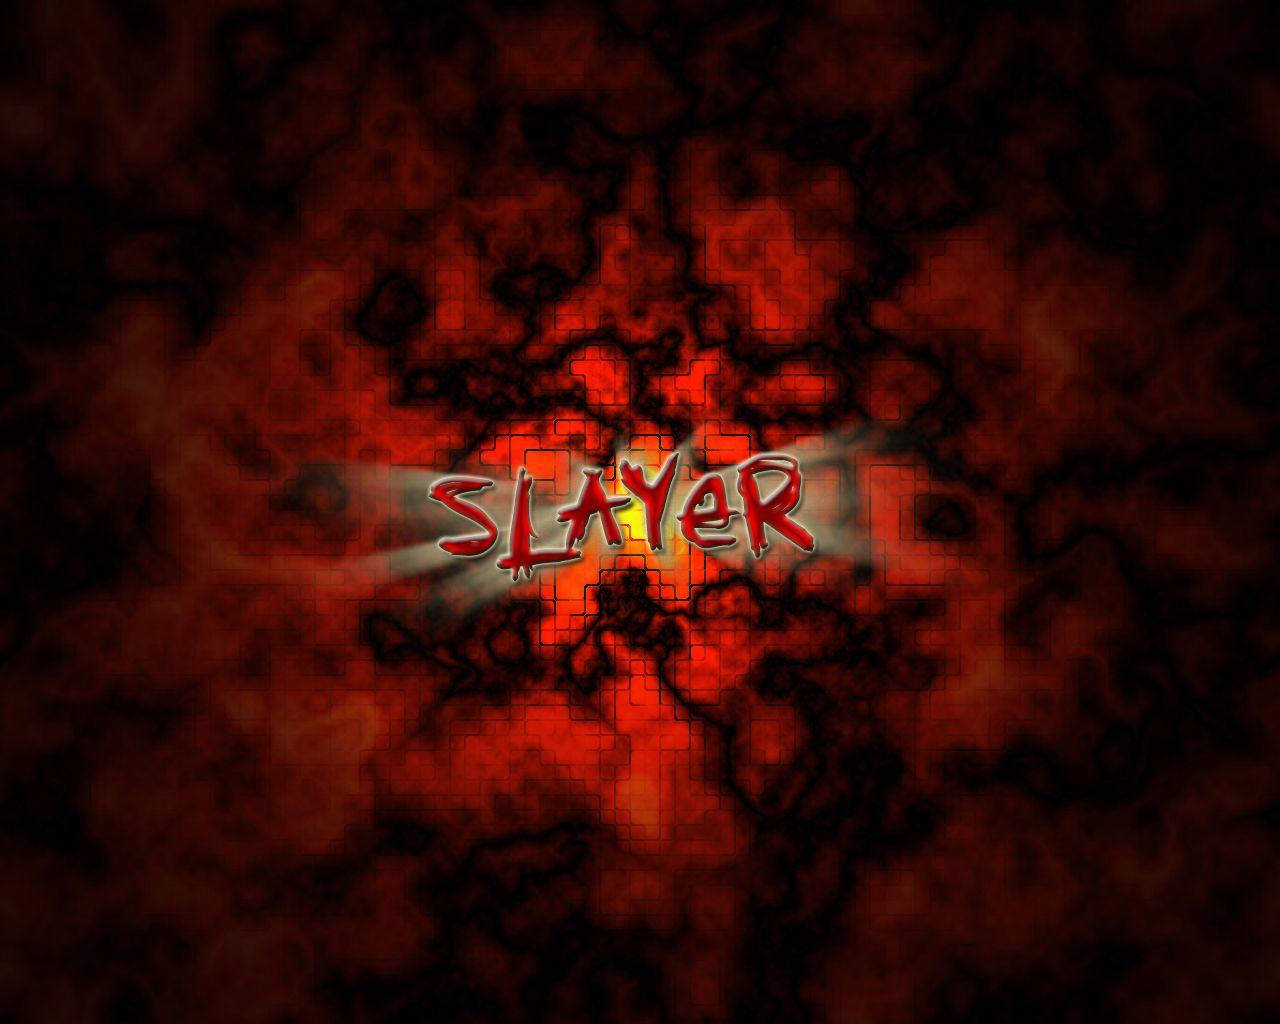 Com Wallpapers Slayer Wallpaper 13106 Jpg   vunzooke 1280x1024